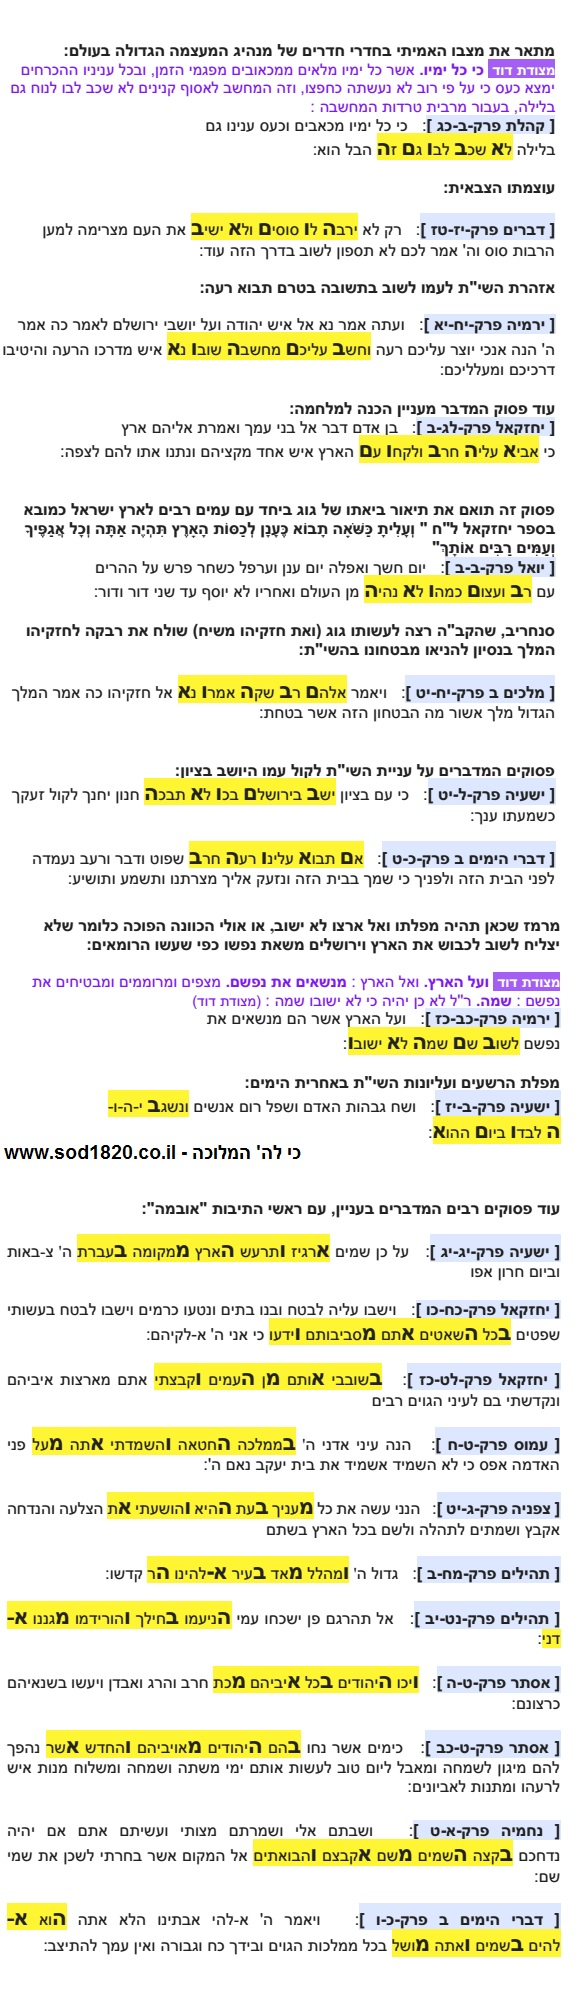 """רמזים על מפלת אובאמה מעשרות פסוקים בתנ""""ך"""